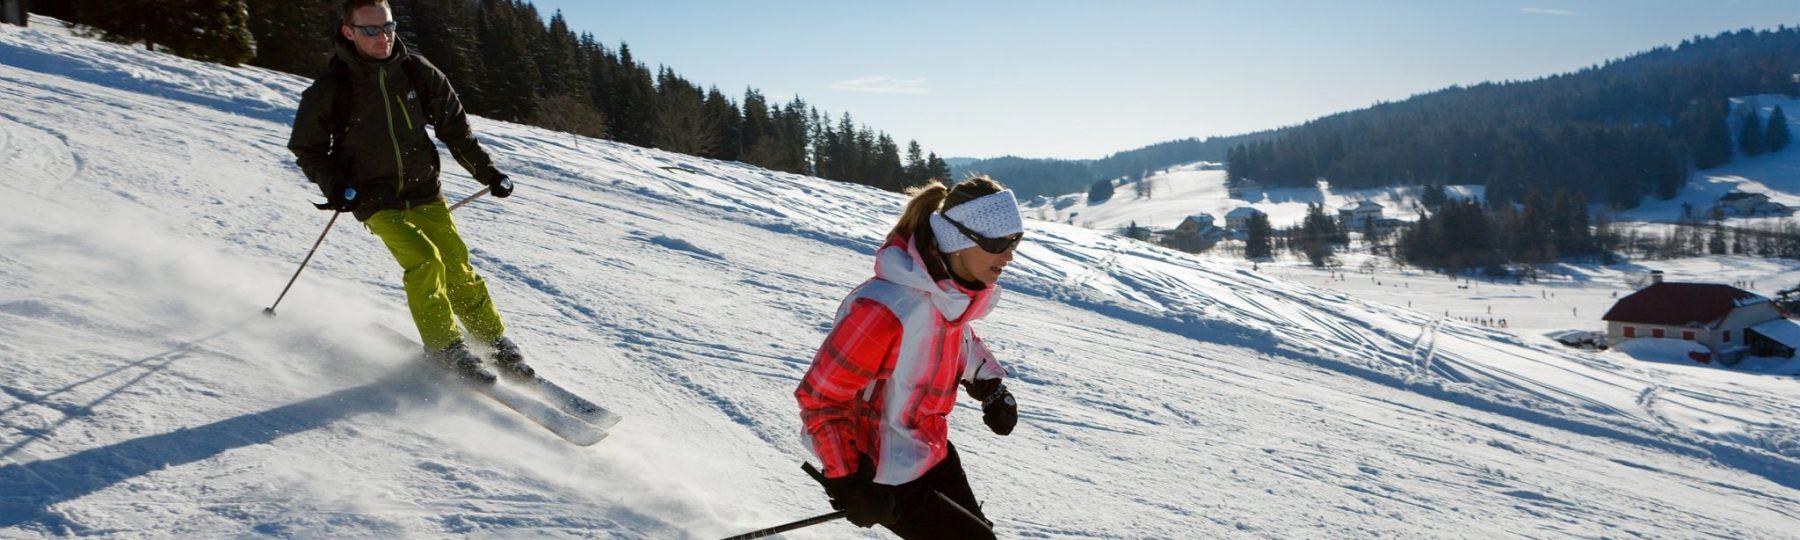 Ski de descente aux Jouvencelles © Stéphane Godin/Jura Tourisme